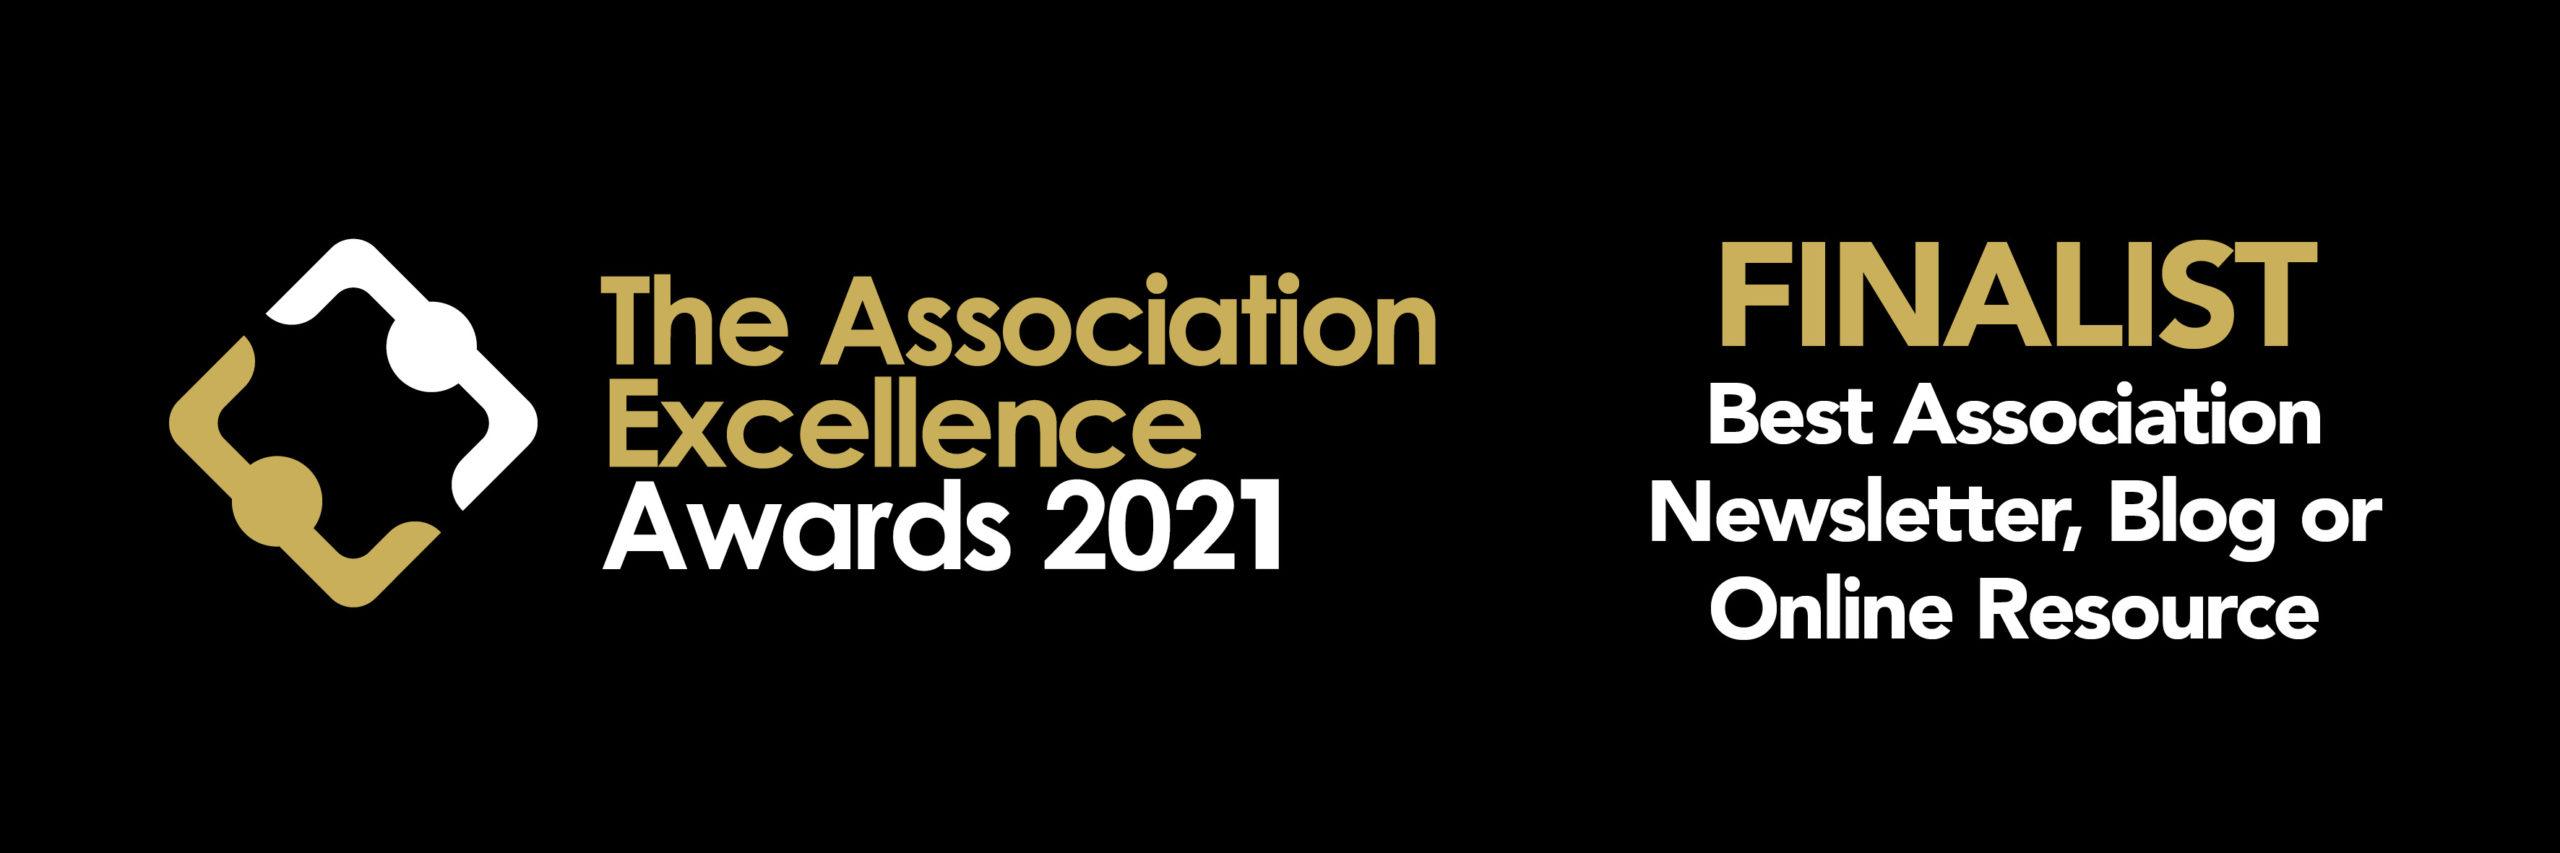 AE awards best newsletter